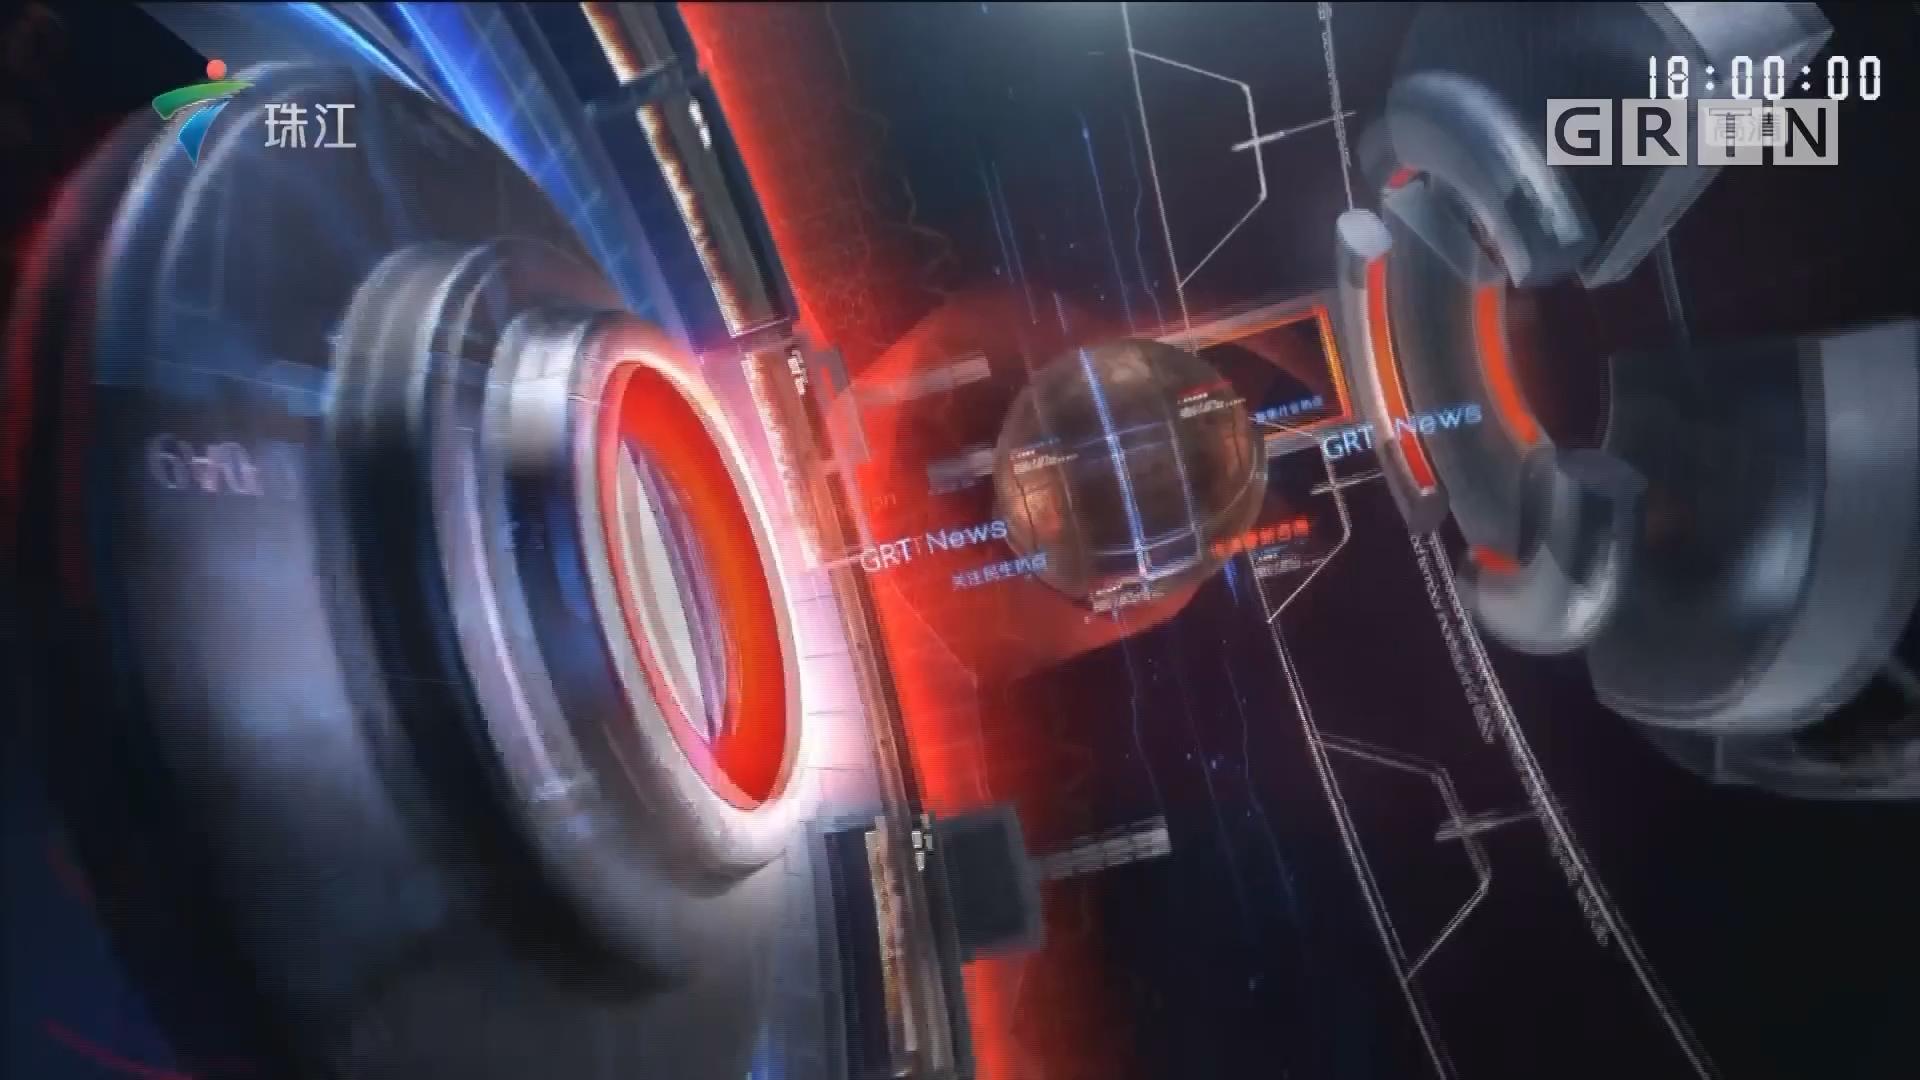 [HD][2019-05-20]珠江新聞眼:首屆粵港澳大灣區媒體峰會:媒連粵港澳 融通大灣區